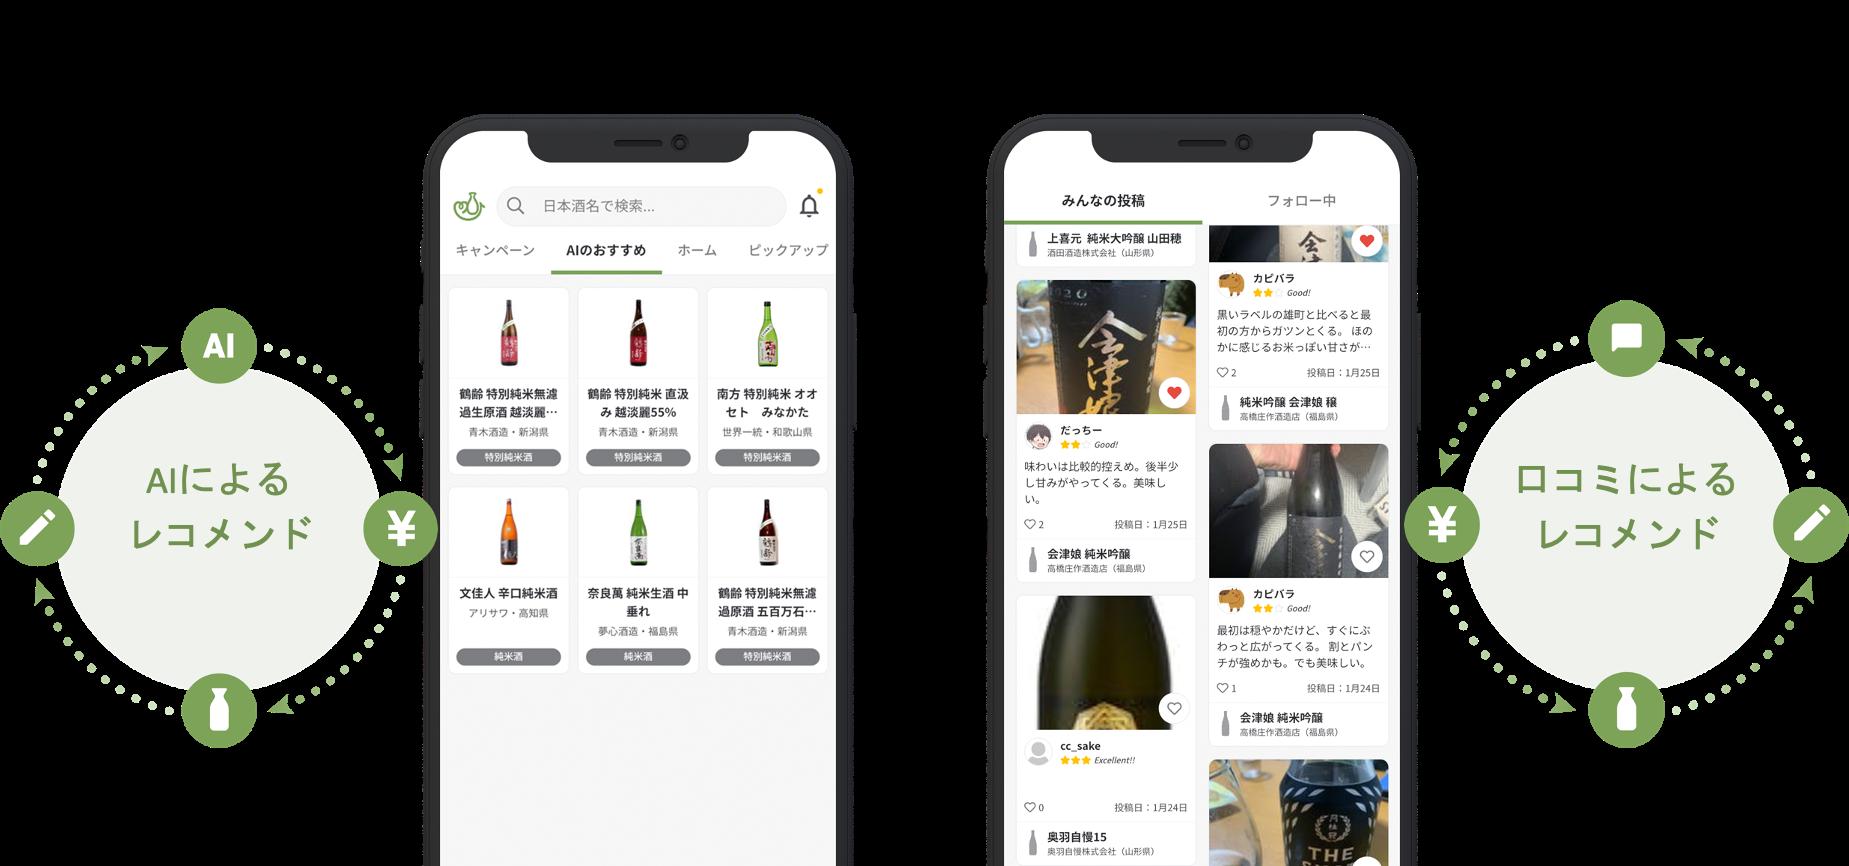 良質な口コミが揃う日本酒記録購入アプリ「サケアイ」への乗り換えキャンペーンを期間限定で開始